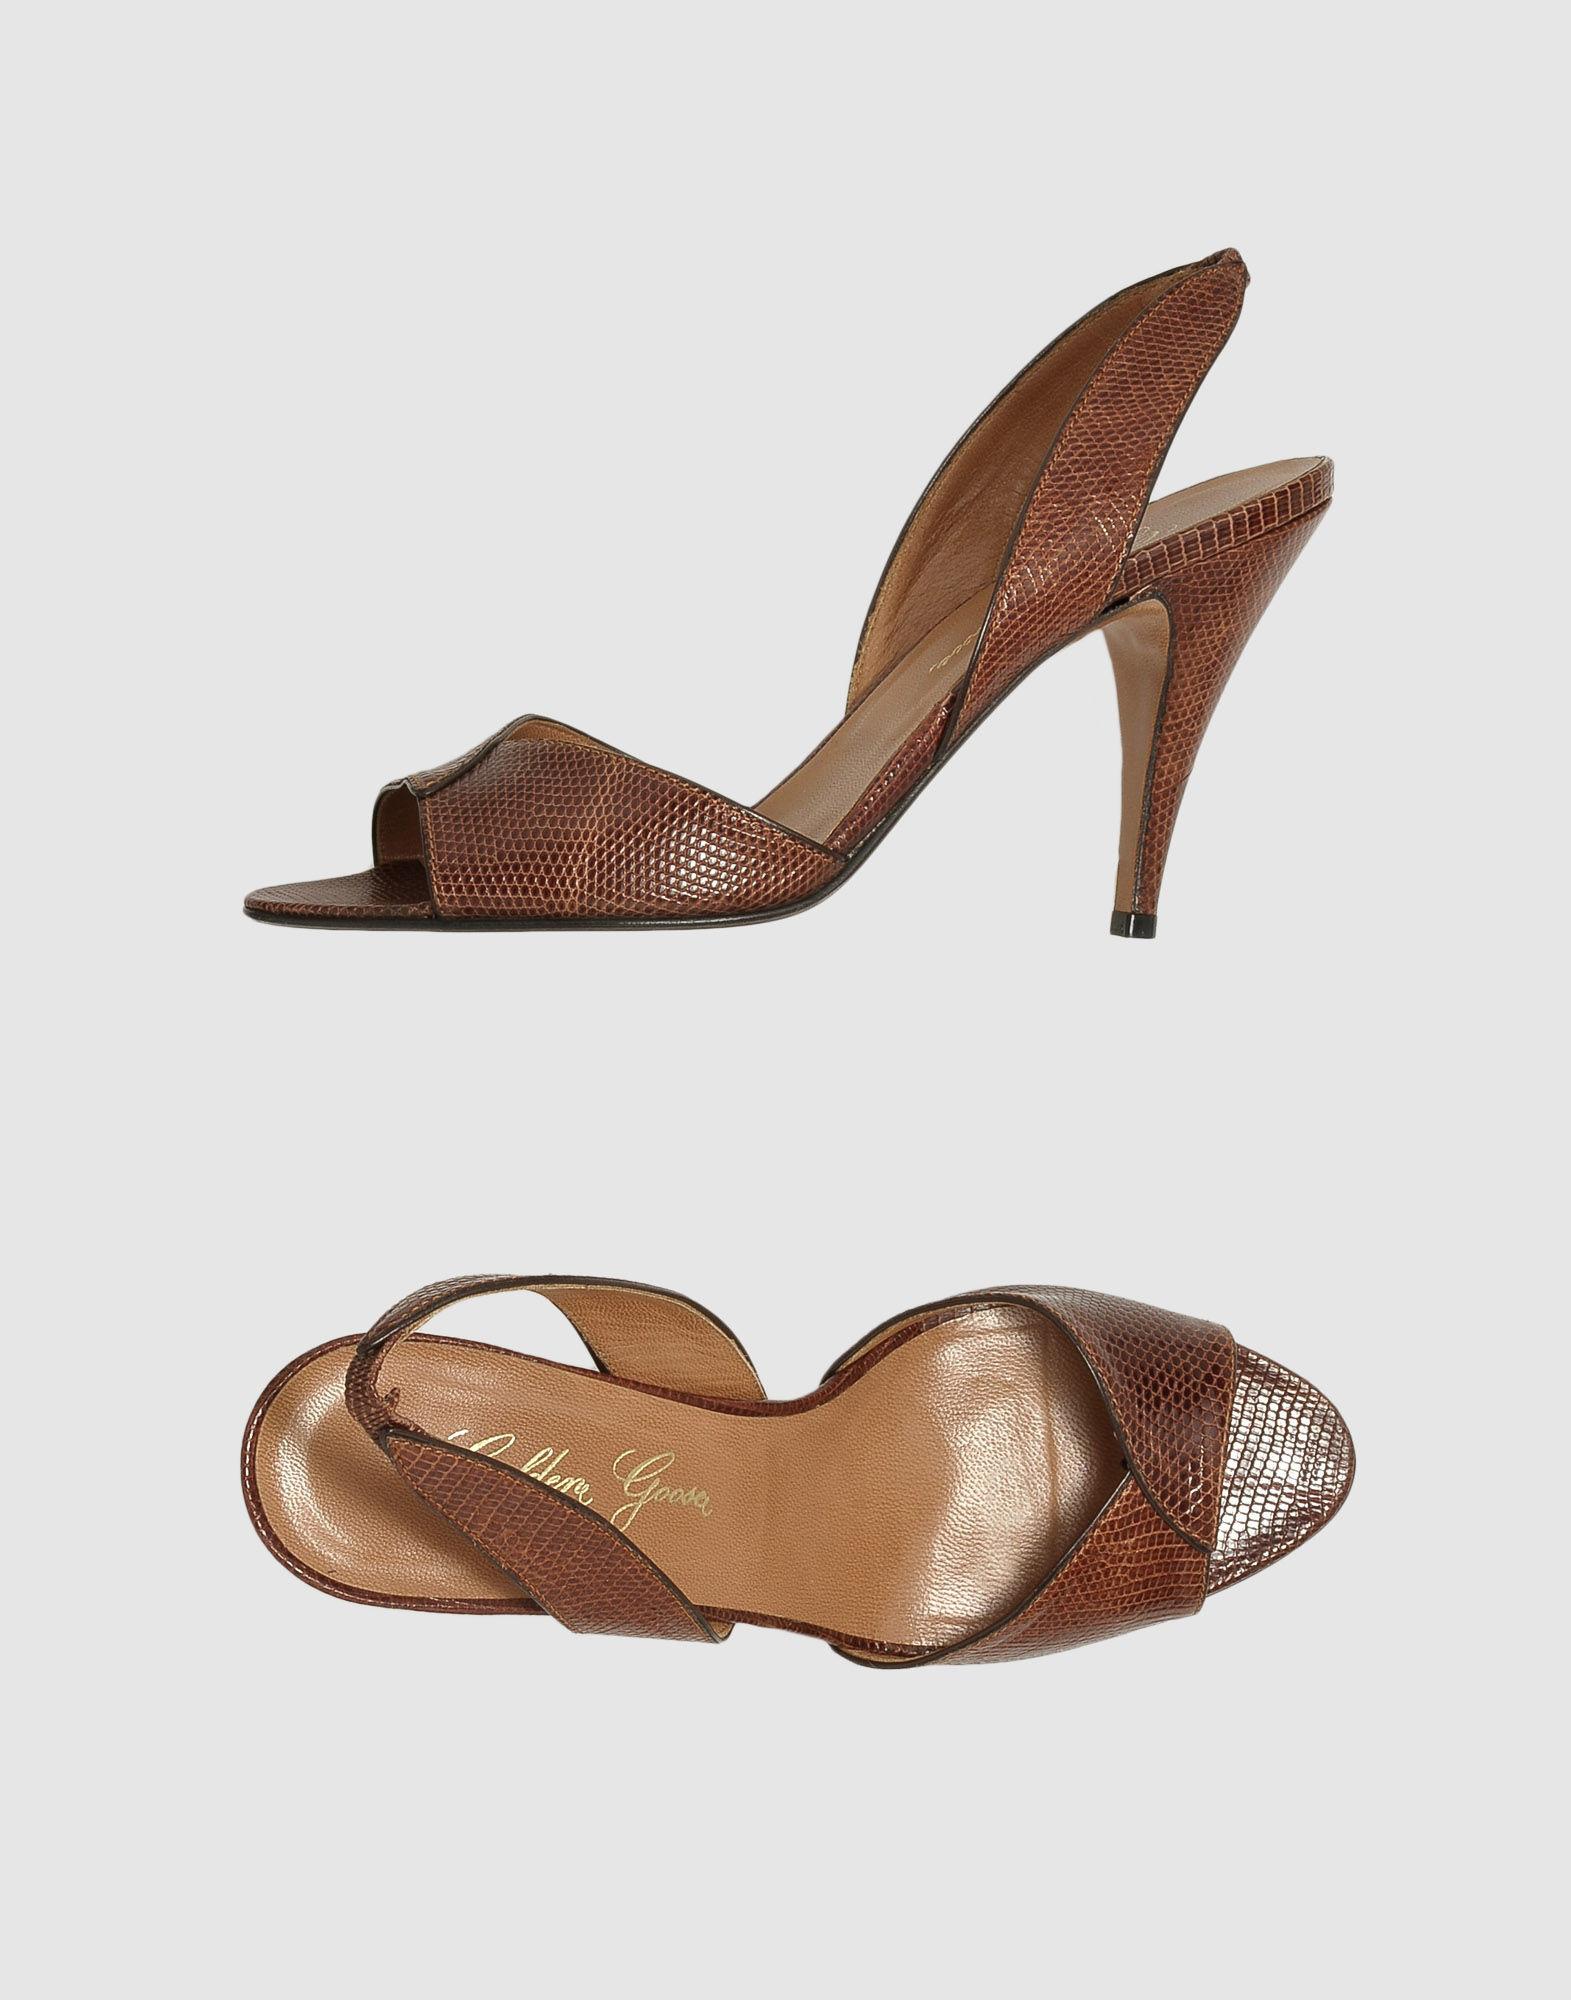 GOLDEN GOOSE DELUXE BRAND Босоножки на каблуке босоножки на каблуке с ремешком вокруг щиколотки giselle